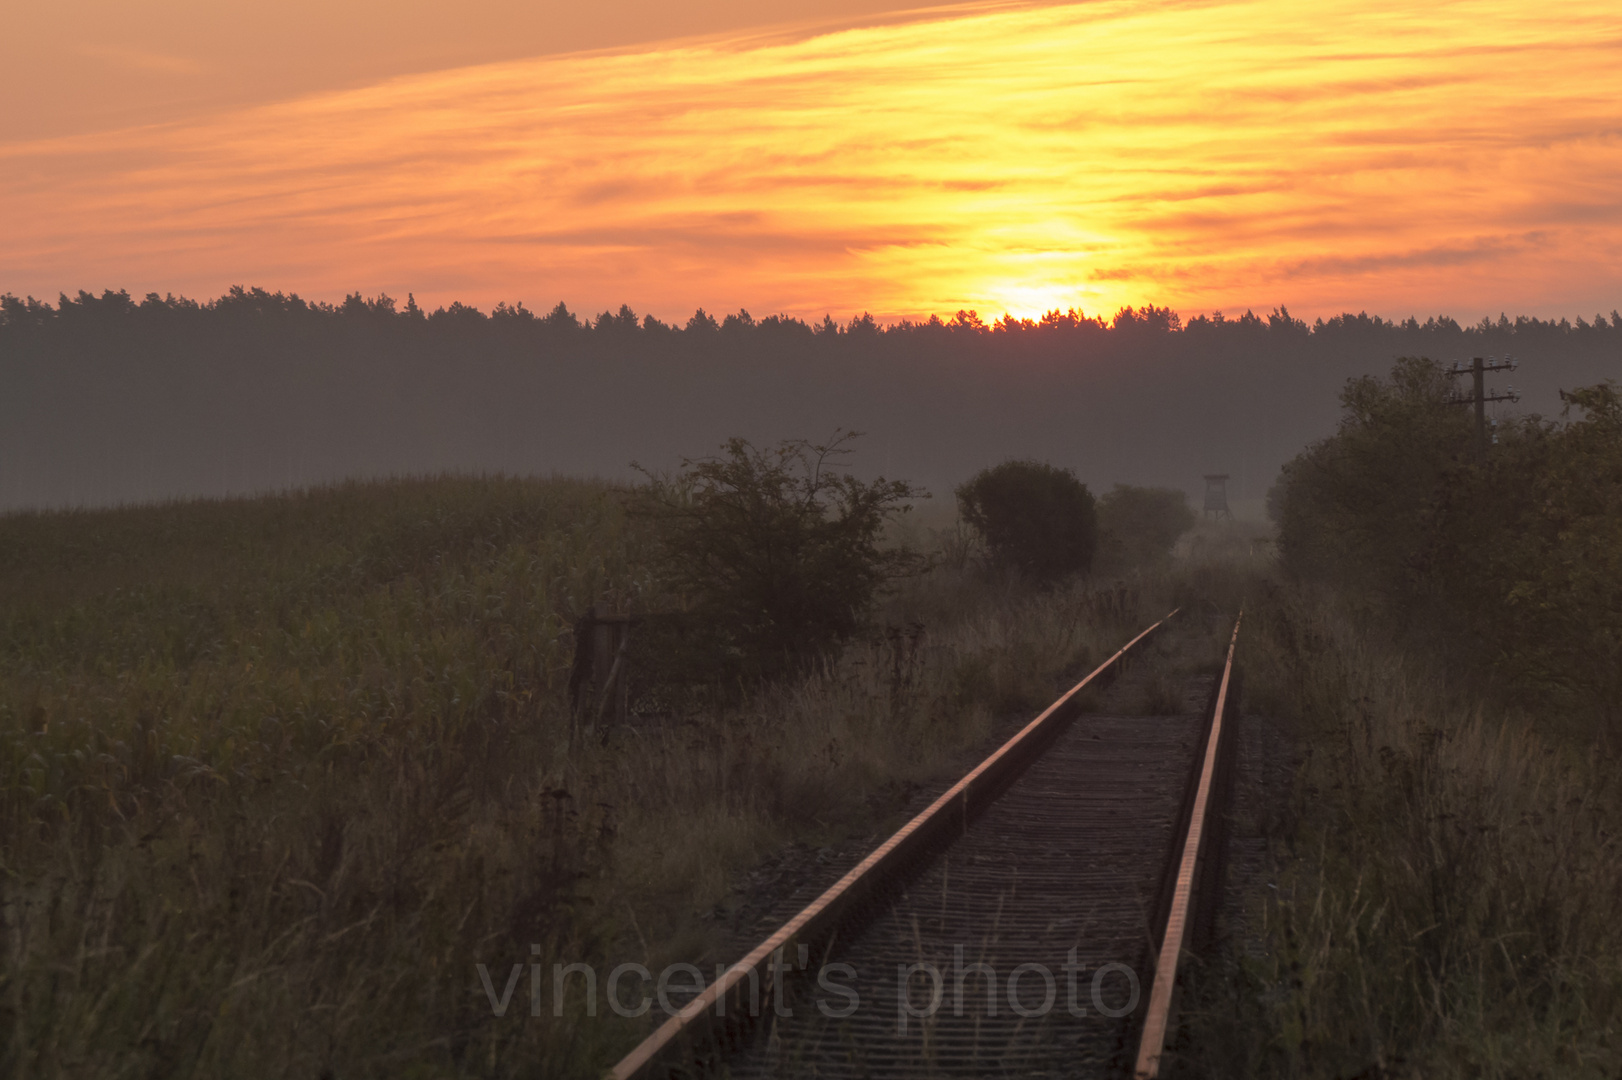 Wunderschöner Sonnenaufgang im schönen Mecklenburg